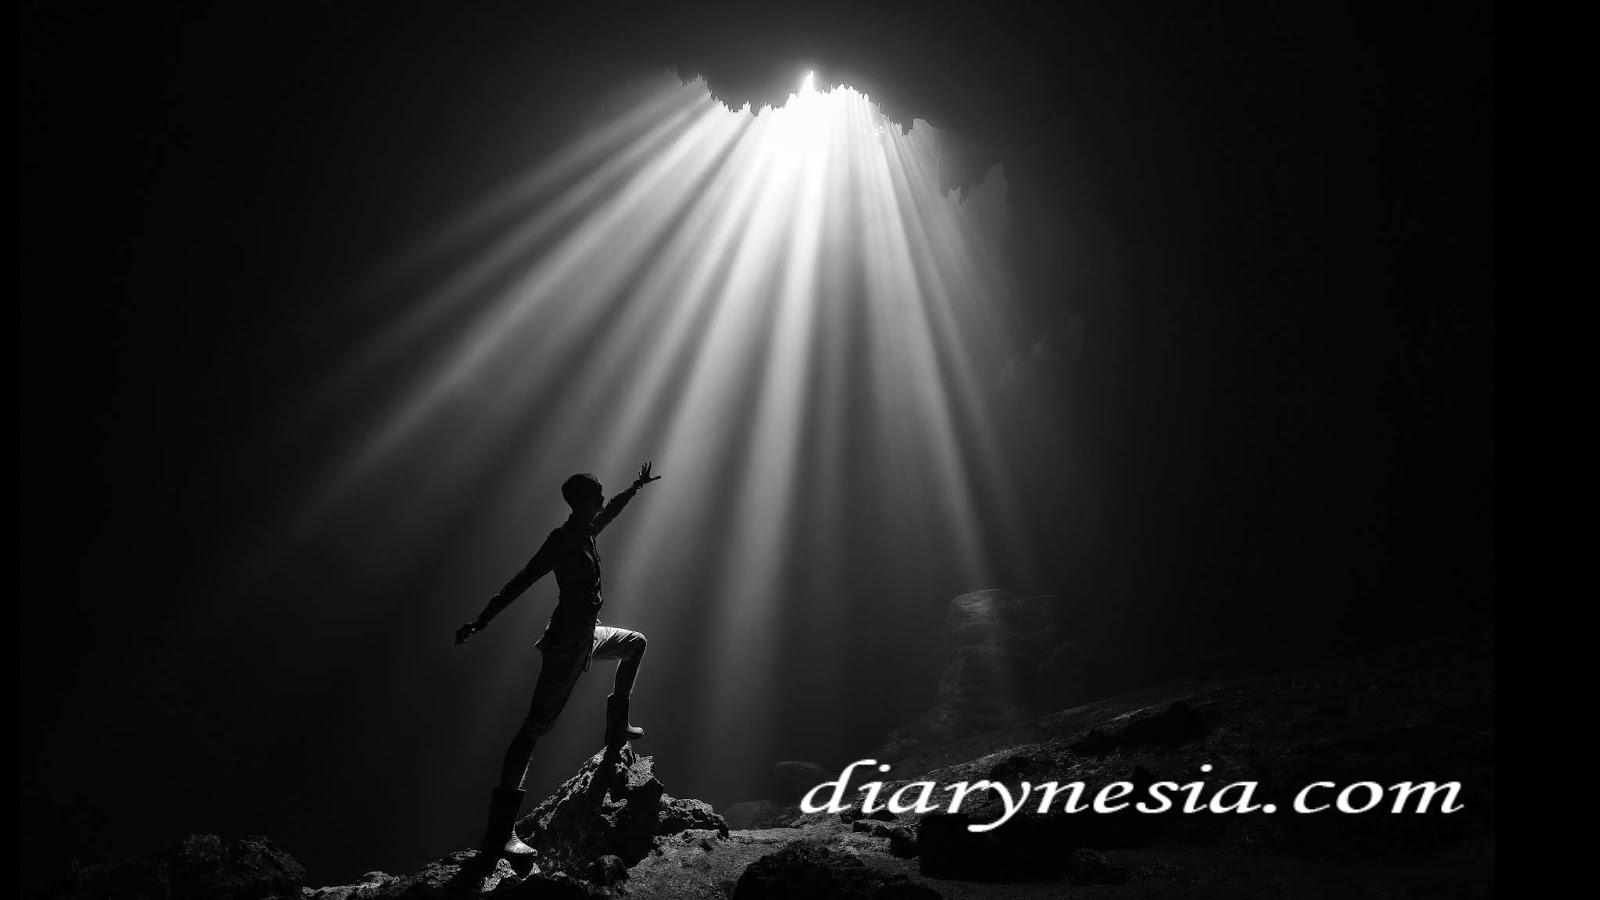 things to do in yogyakarta, stunning attraction in yogyakarta, trip to Yogyakarta, diarynesia